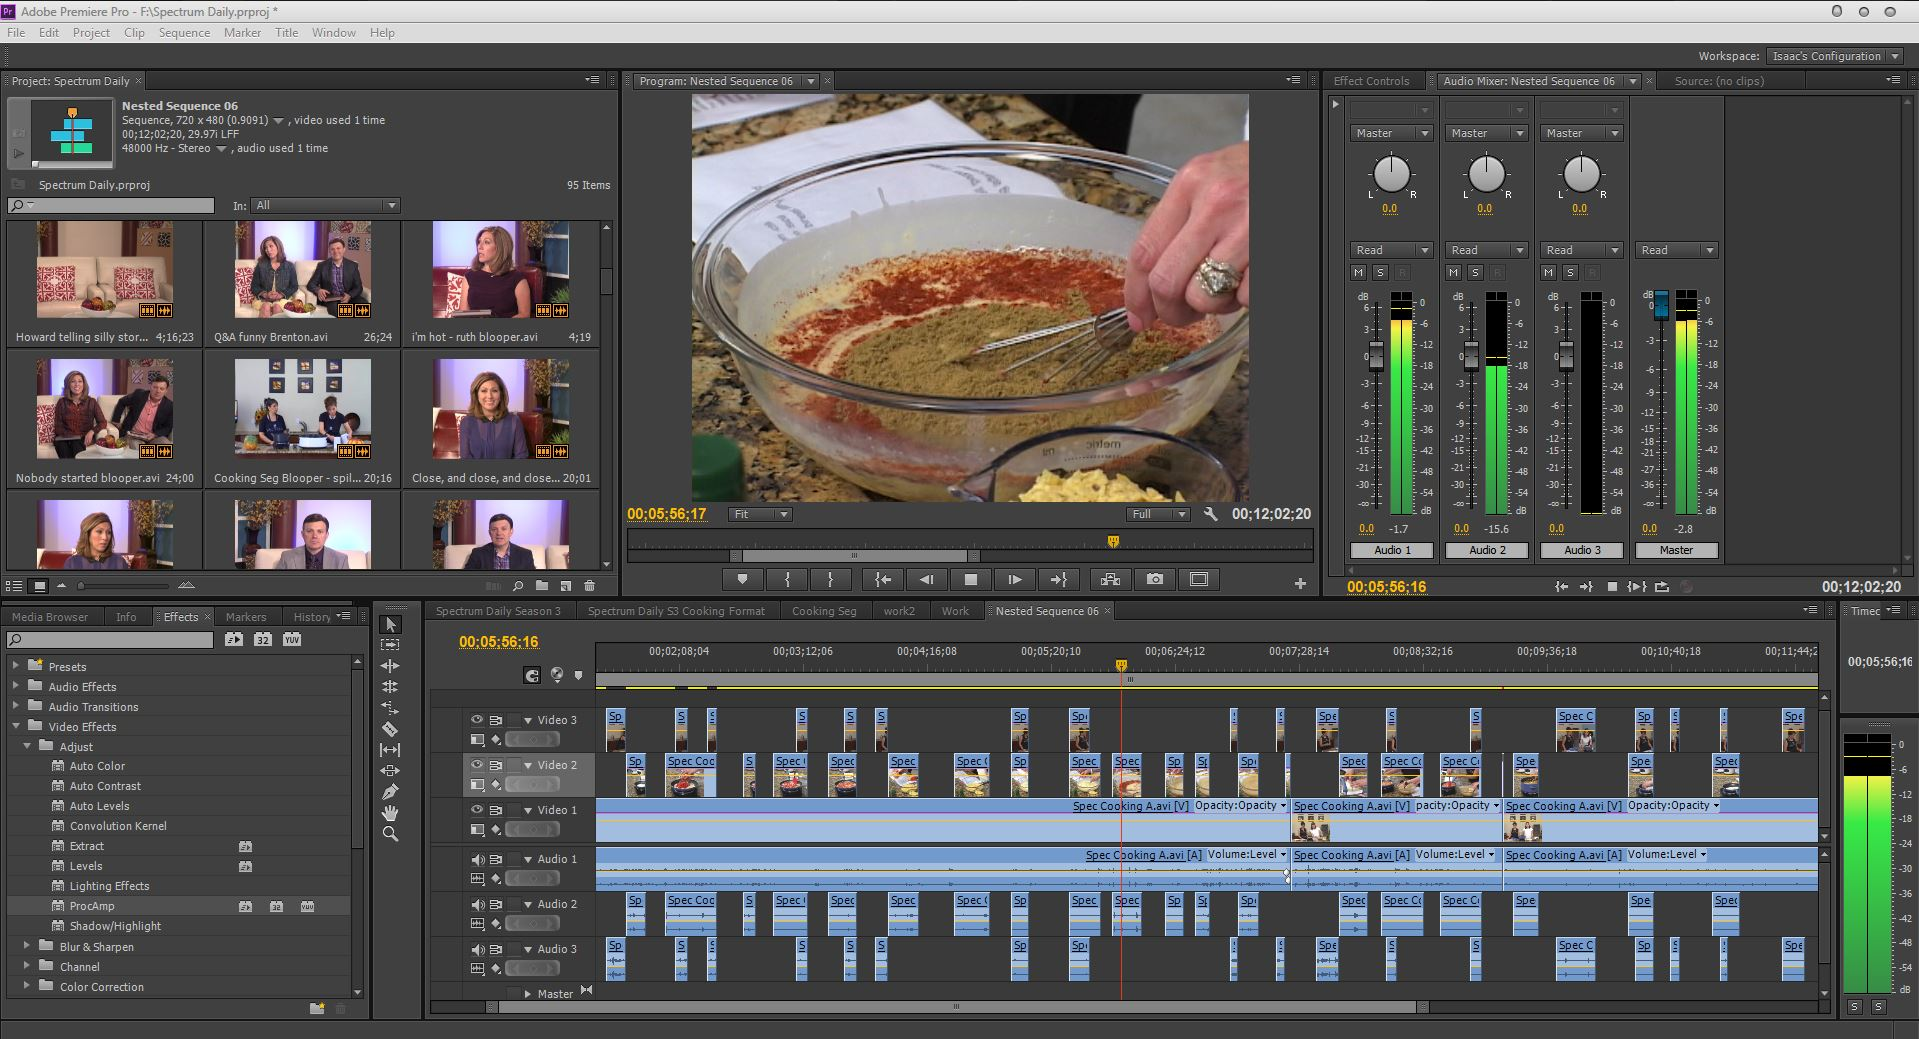 premiere pro multicam